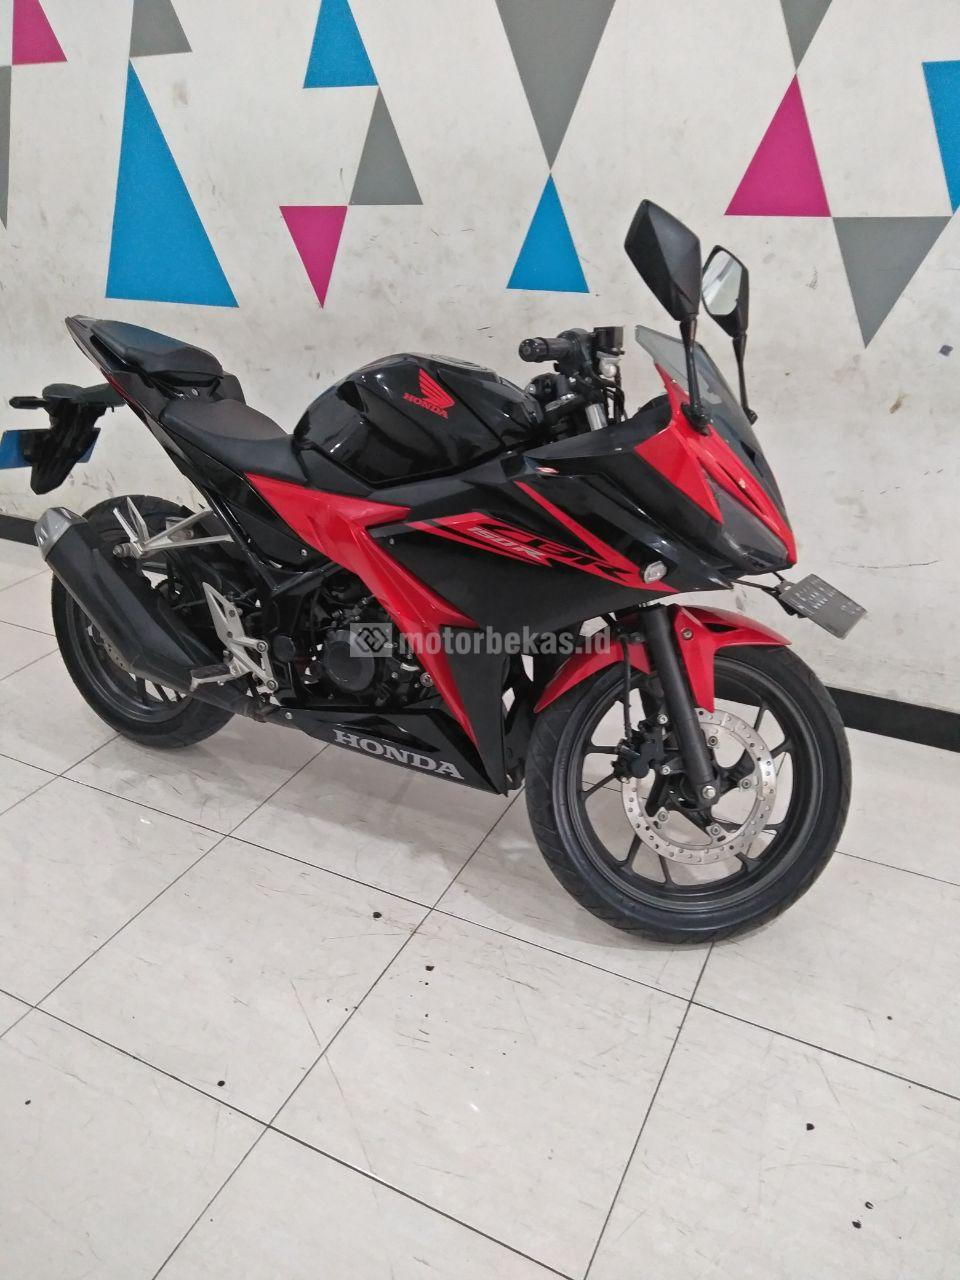 HONDA CBR 150R  4058 motorbekas.id